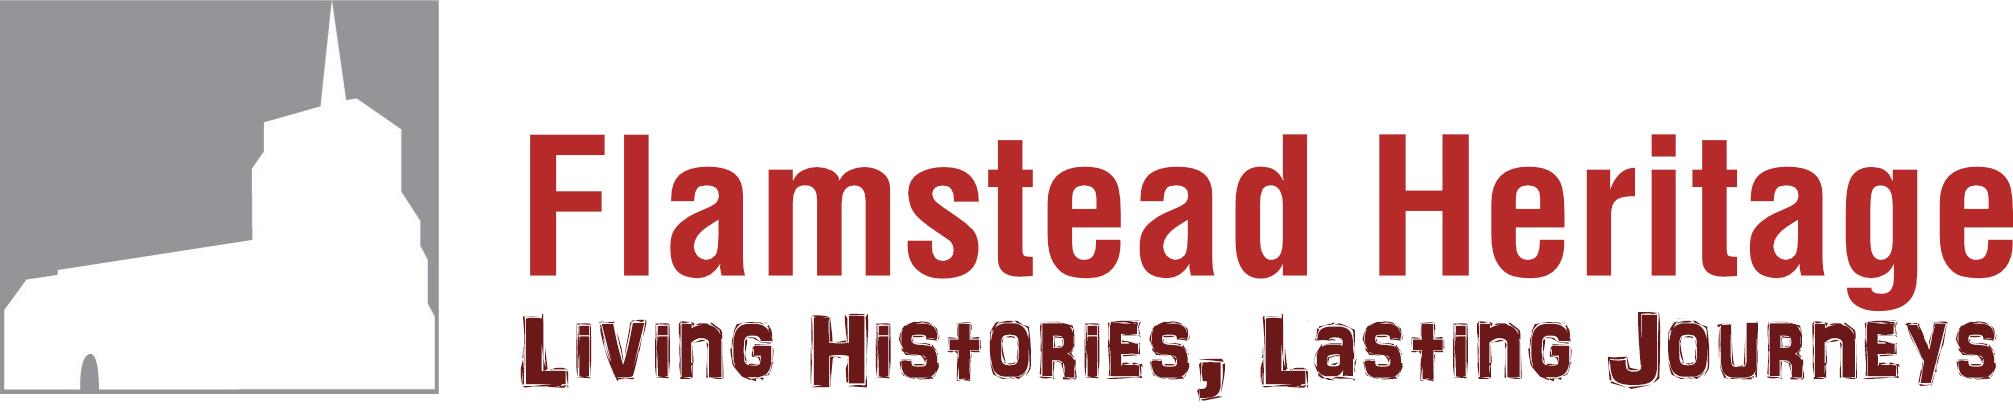 Flamstead Heritage